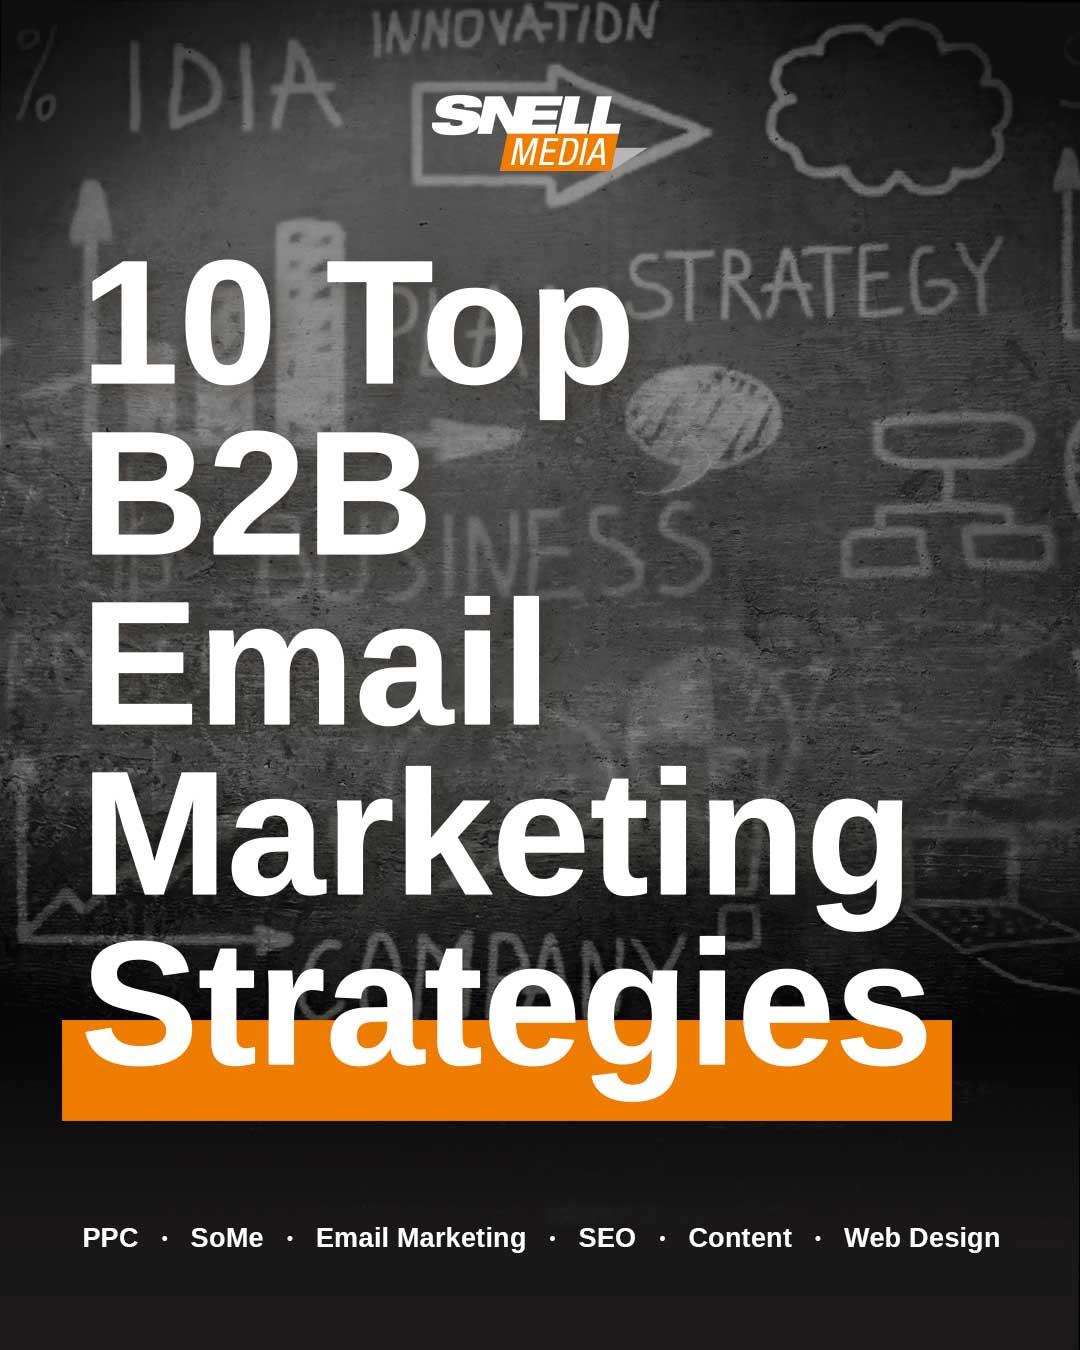 10 Top B2B Email Marketing Strategies